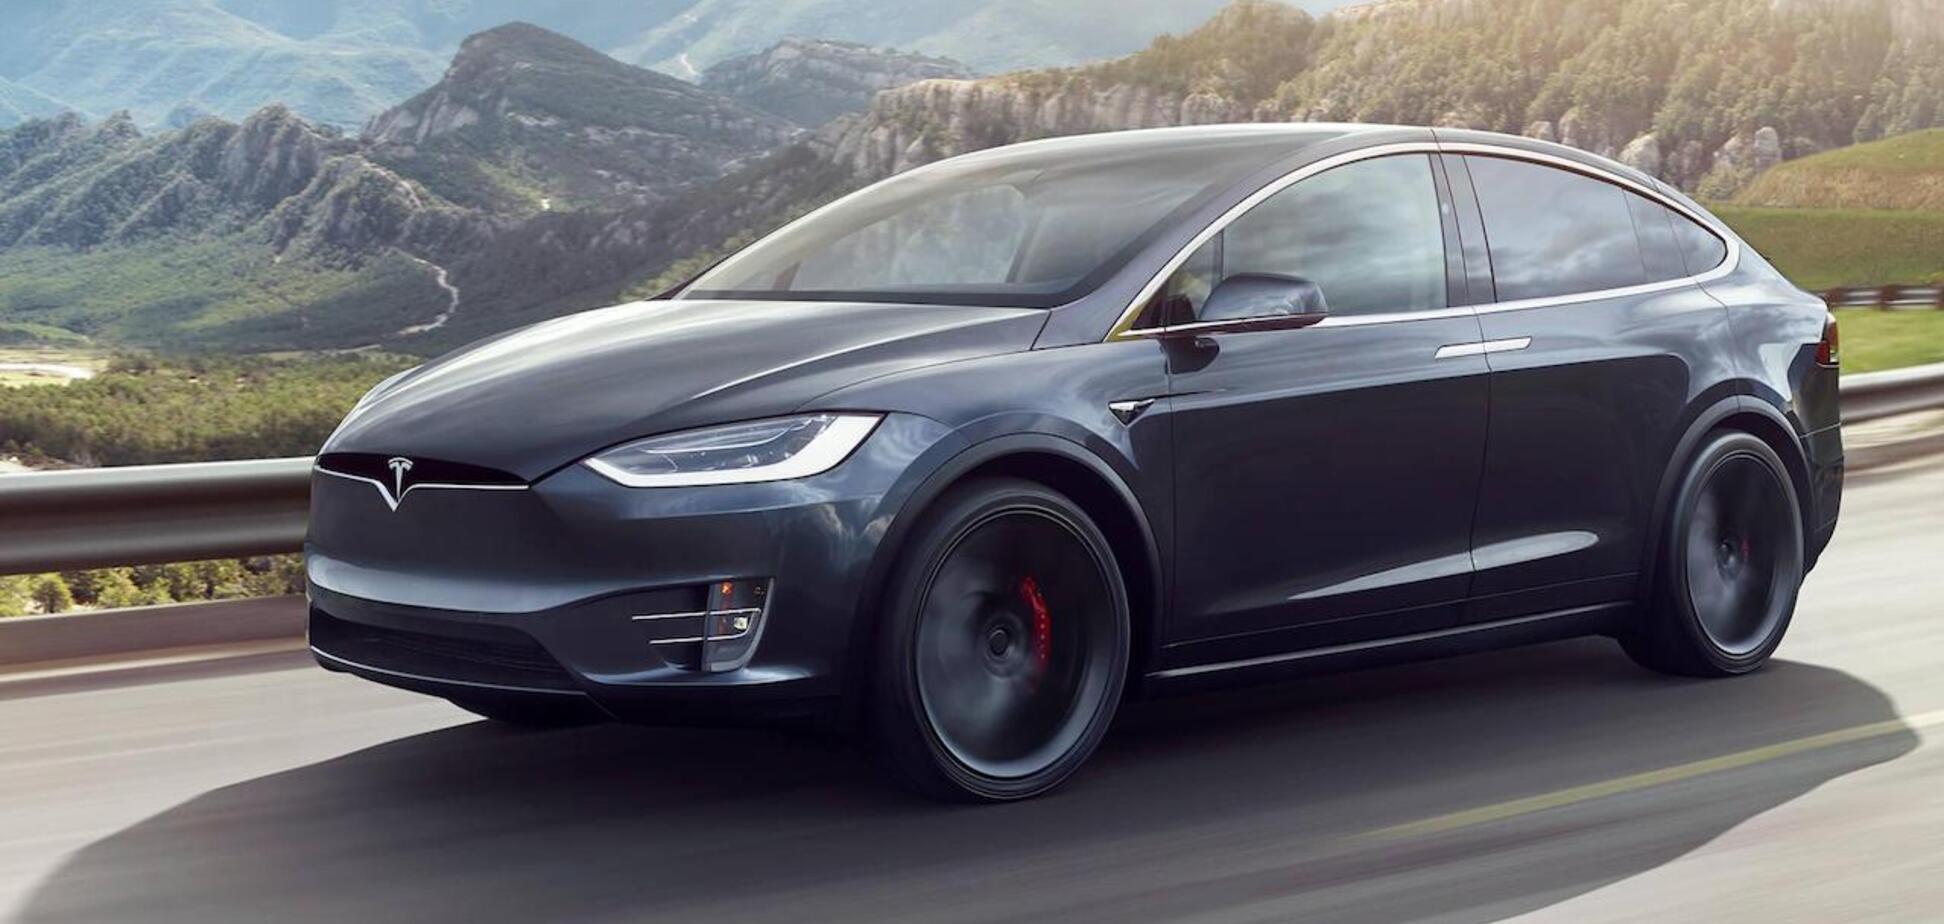 В США появились первые электрические кроссоверы Tesla Model Y